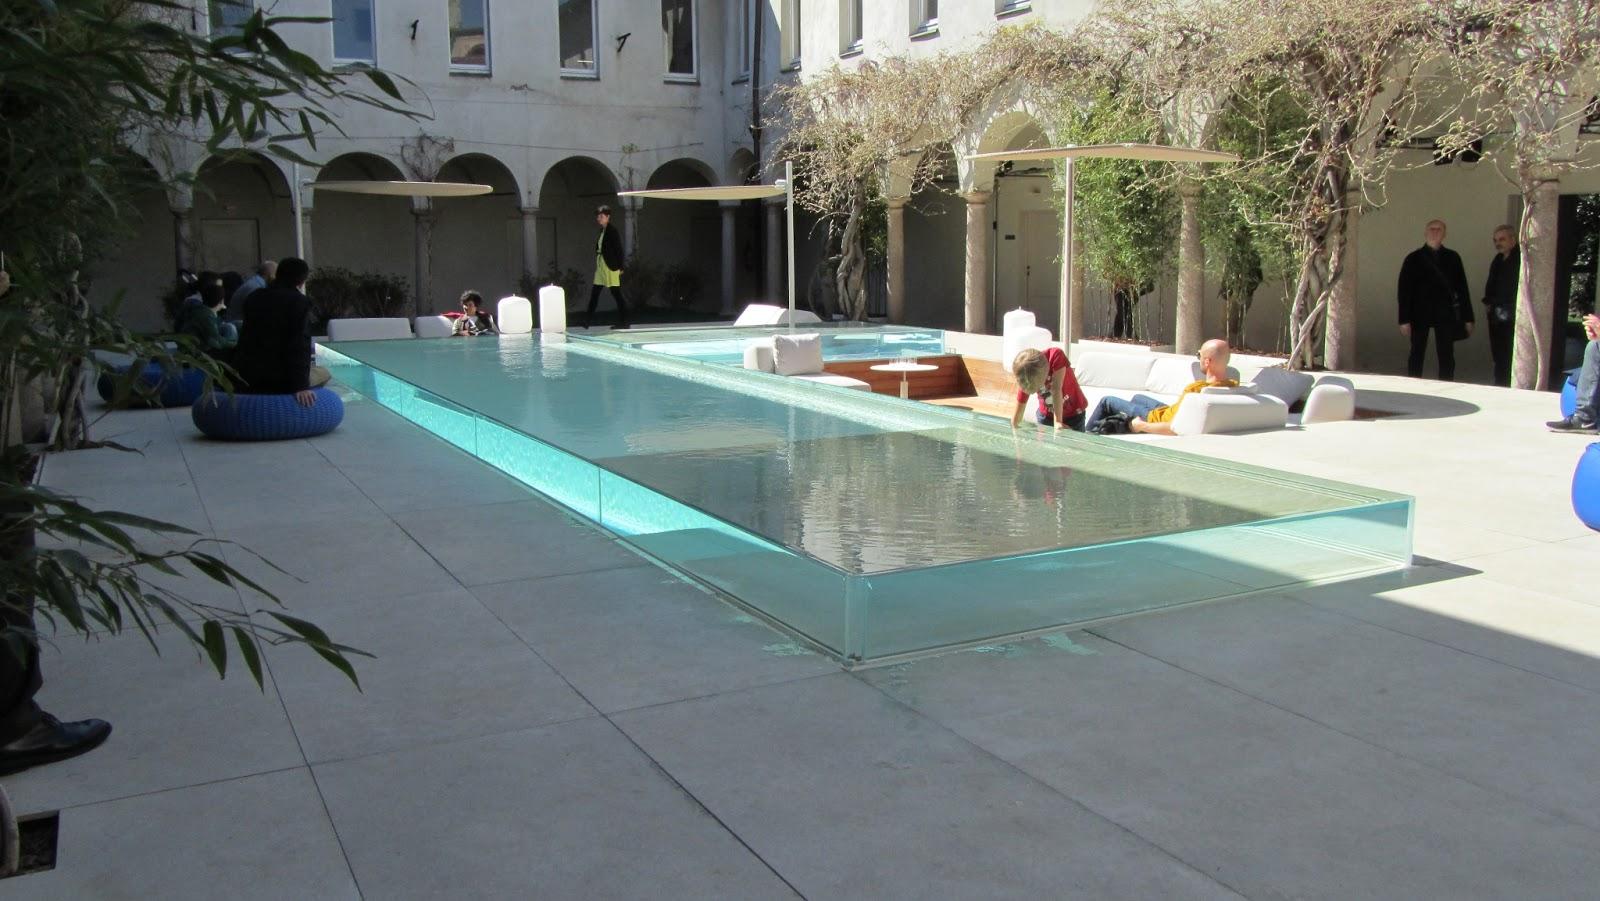 Piscine laghetto news blog la piscina del fuorisalone 2013 - Piscine laghetto ...